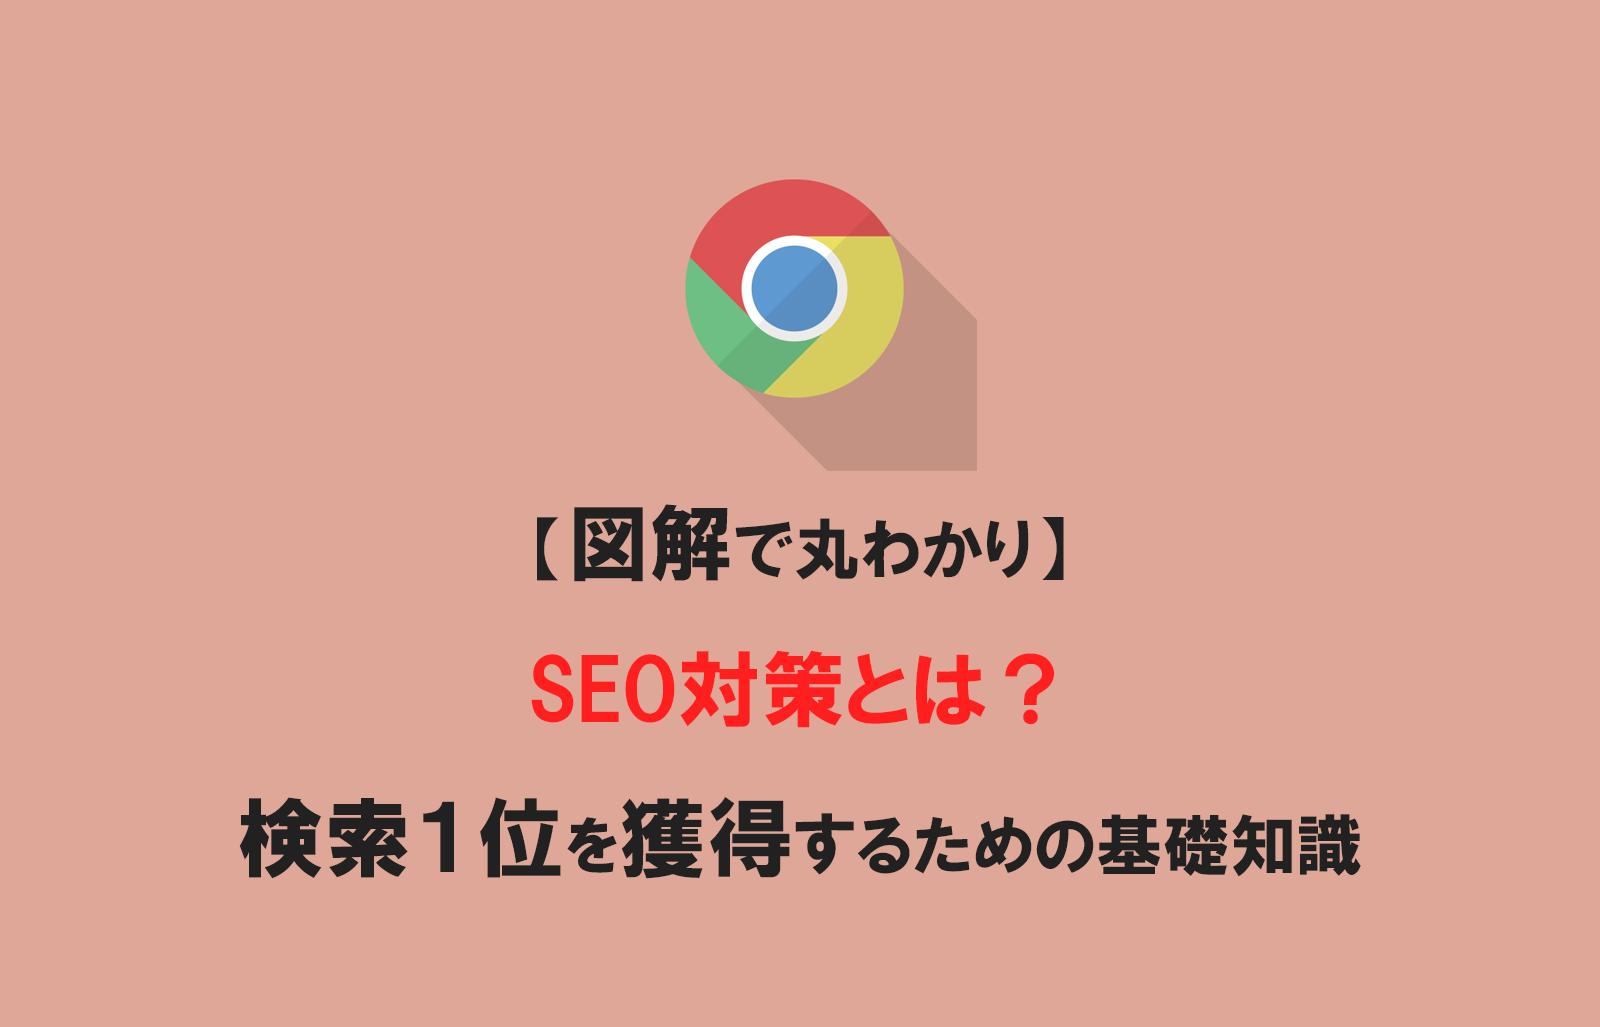 【図解で丸わかり】SEO対策とは?検索1位を獲得するための基礎知識